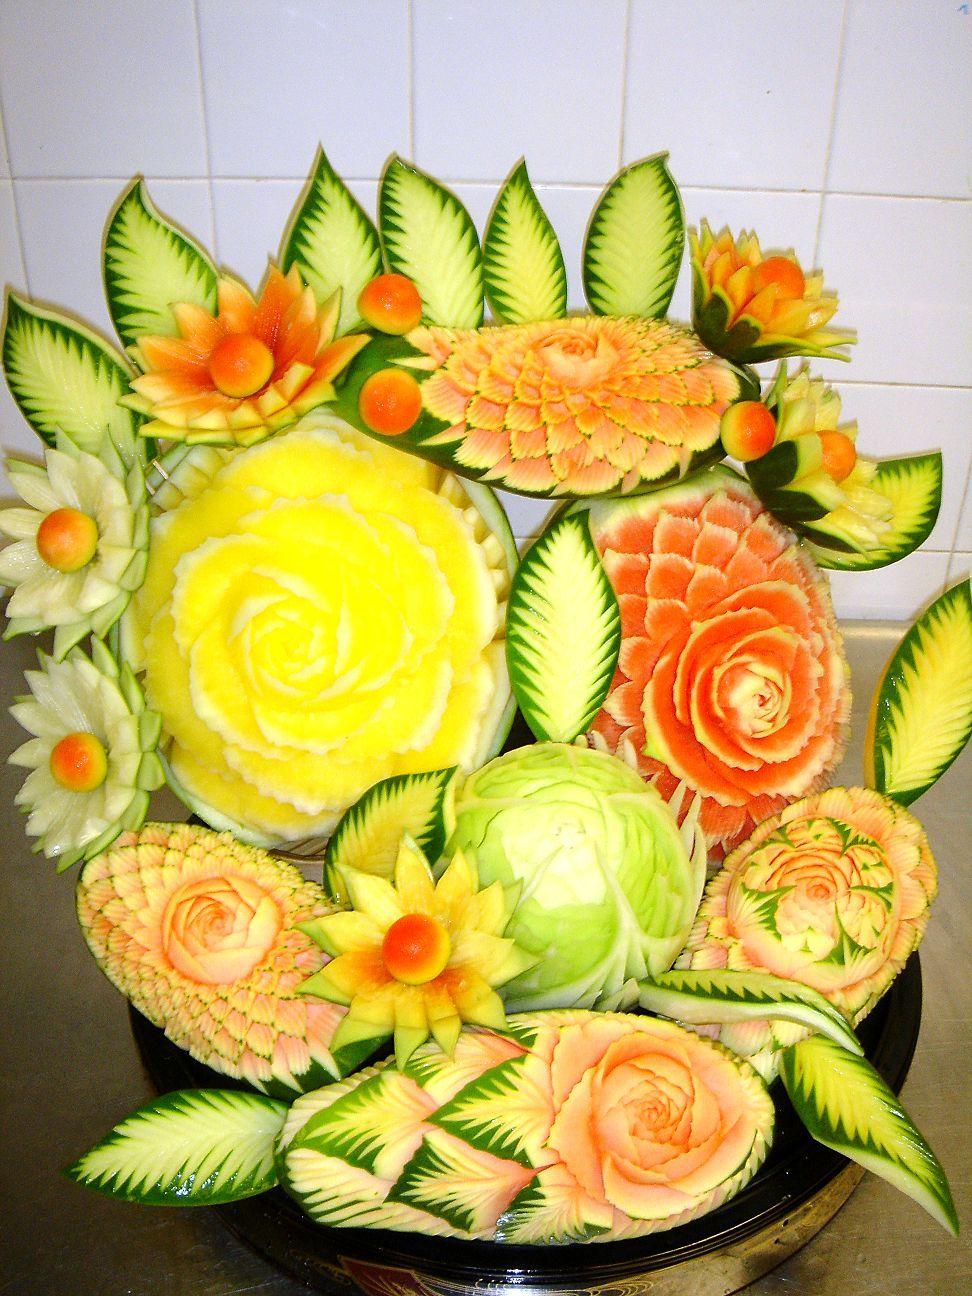 Поделки из овощей и фруктов своими руками фото мастер класс